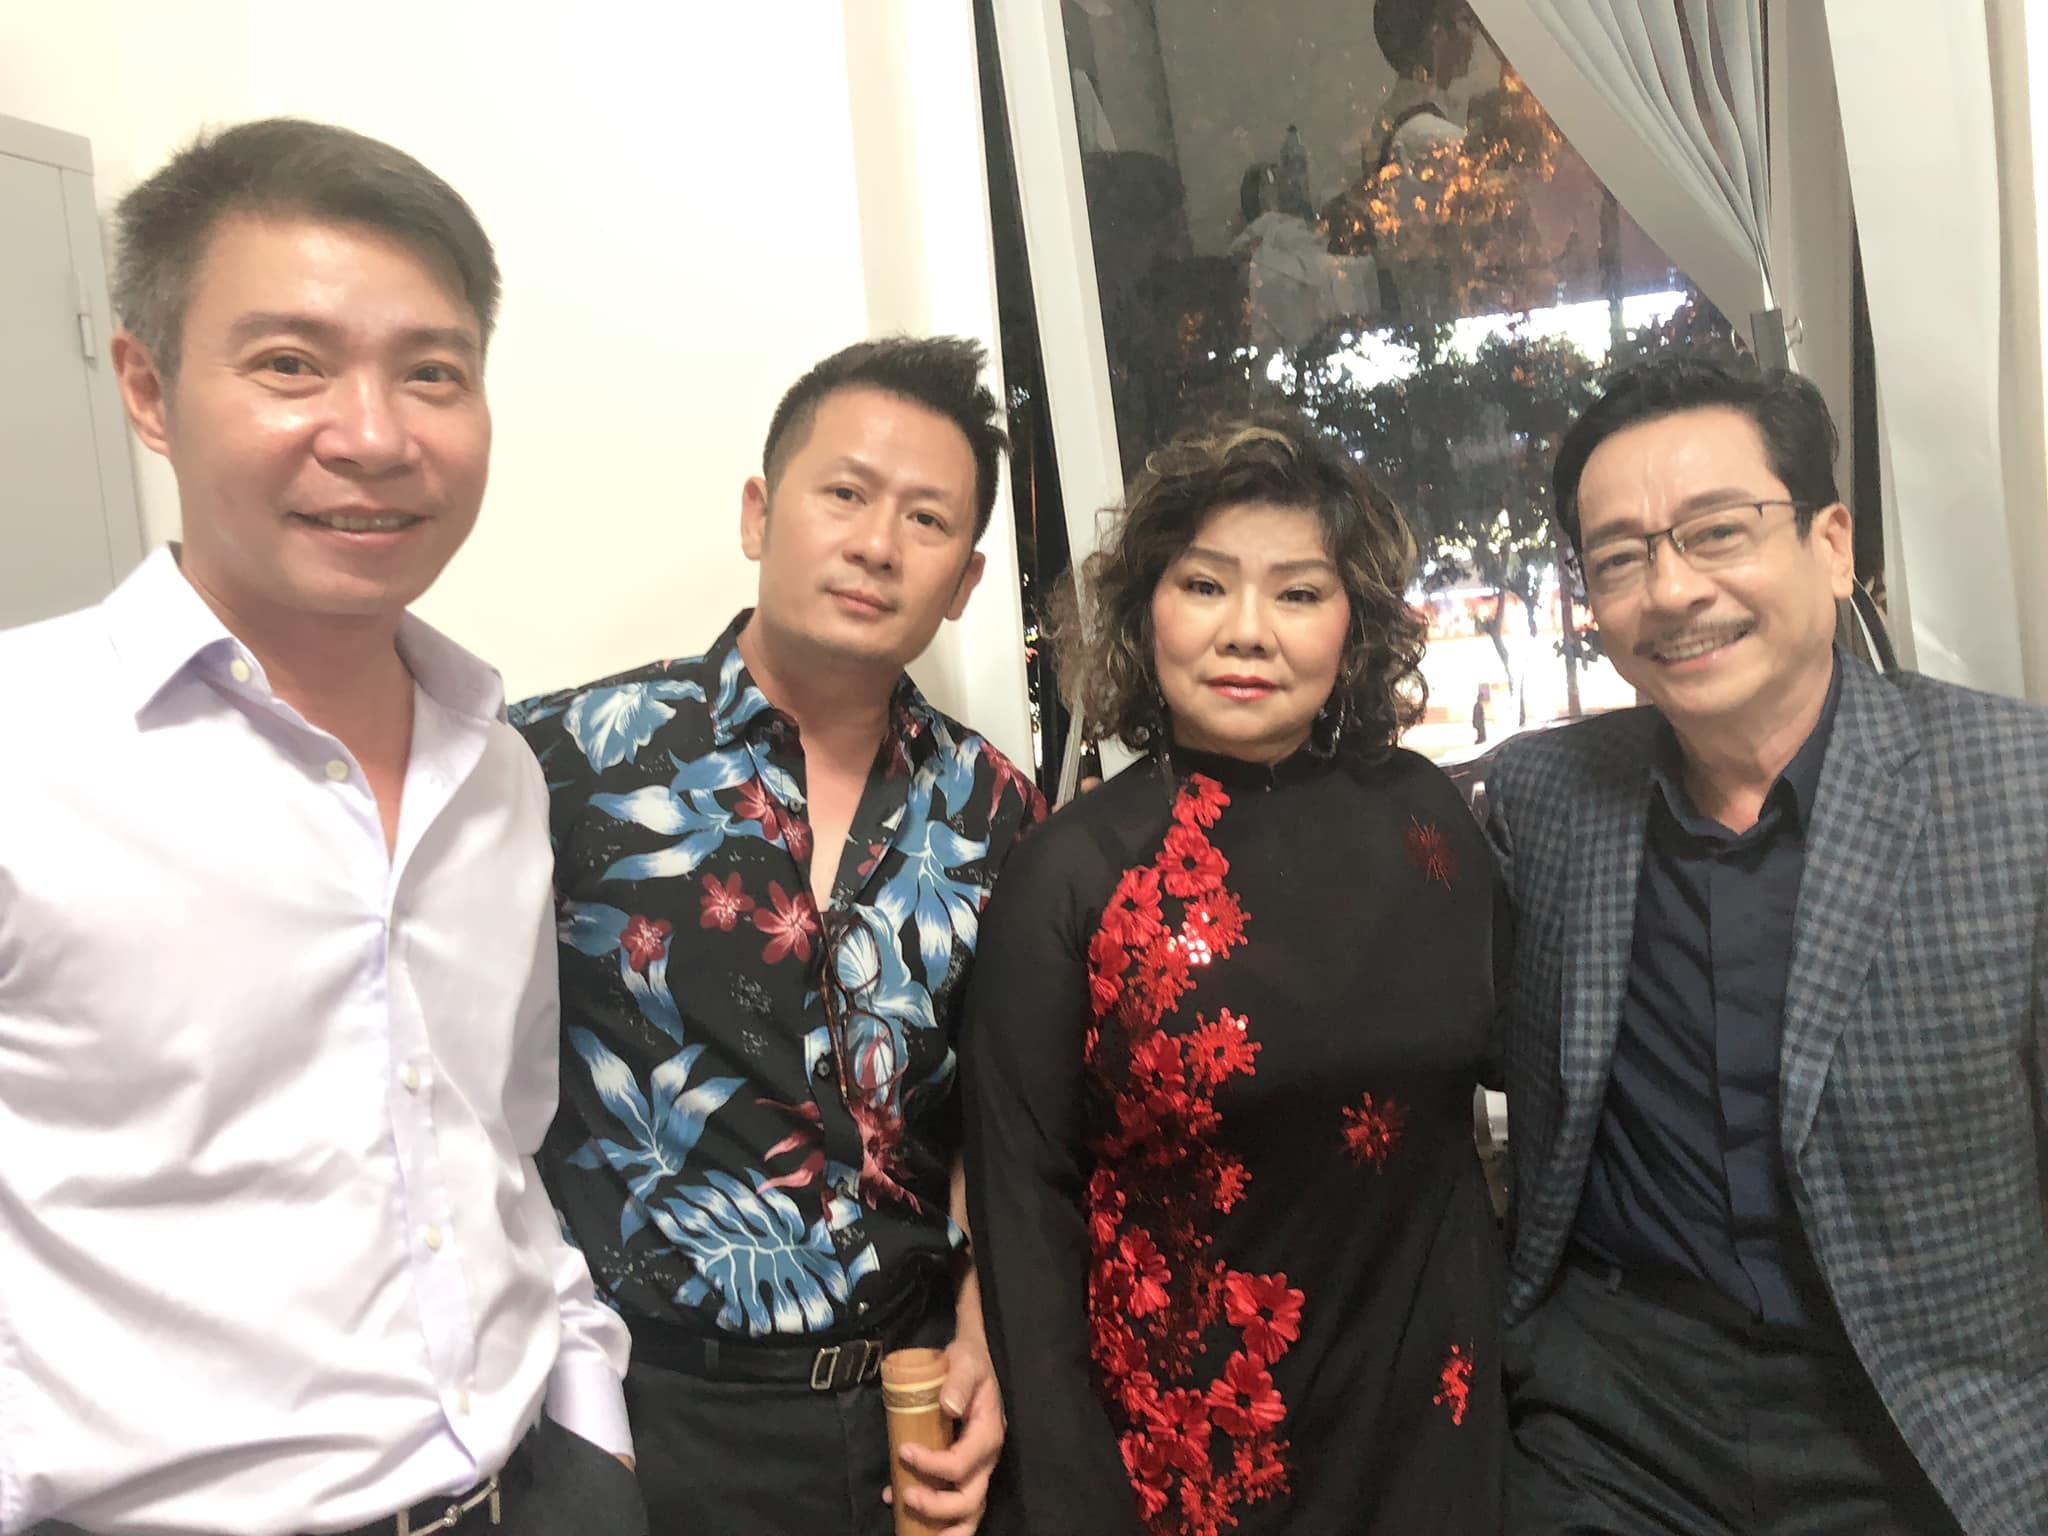 NSND Hồng Vân khoác vai, tươi tắn bên MC Lại Văn Sâm